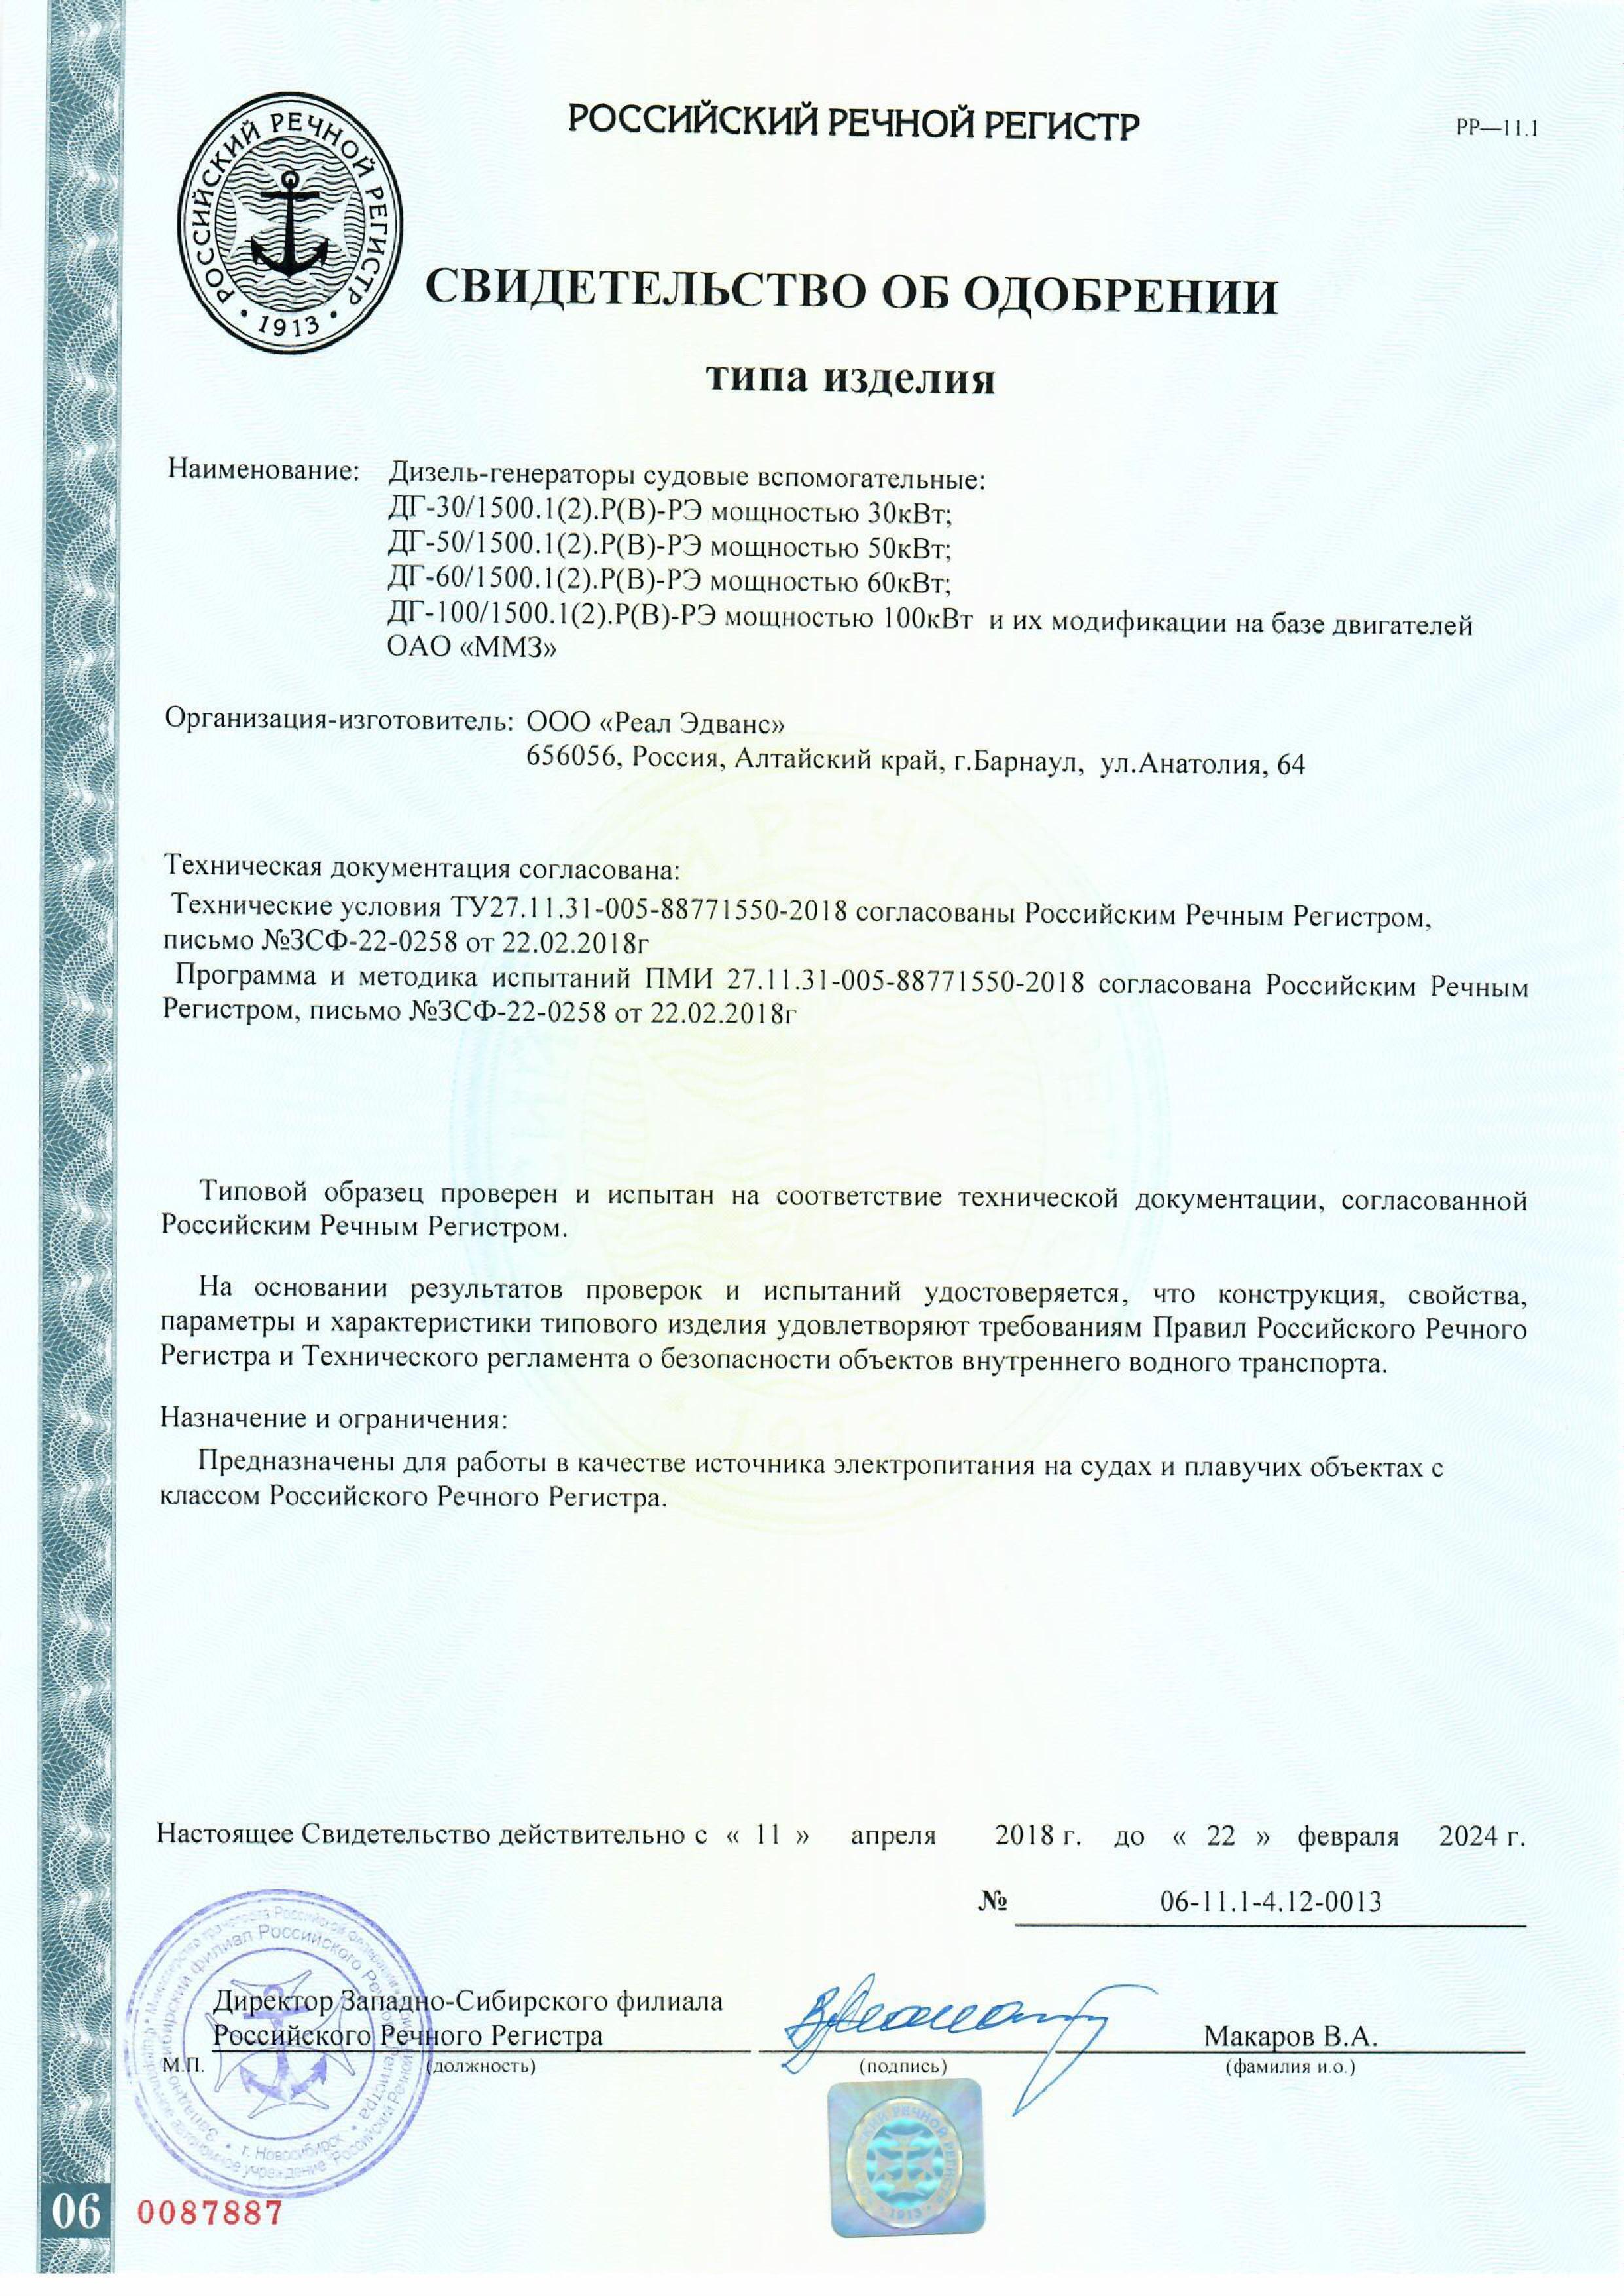 свидетельство об одобрении 06-11.1-4.1-0013 (ммз) Реал Эдвансу